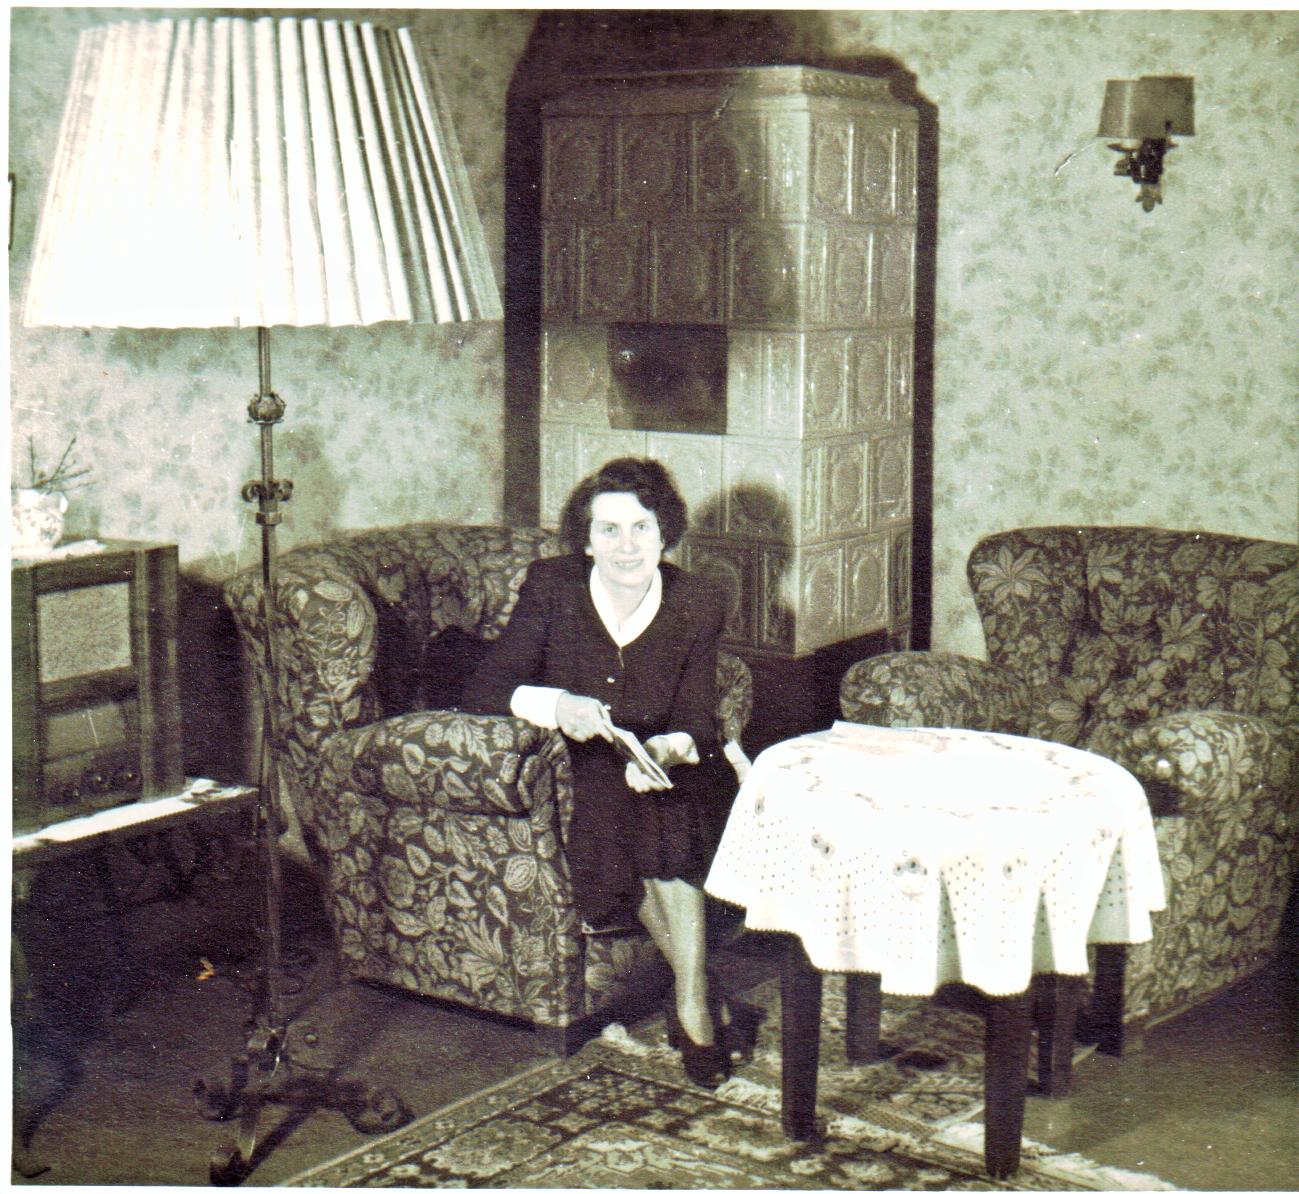 File:Wohnzimmer, Berlin um 1950.   Wikimedia Commons